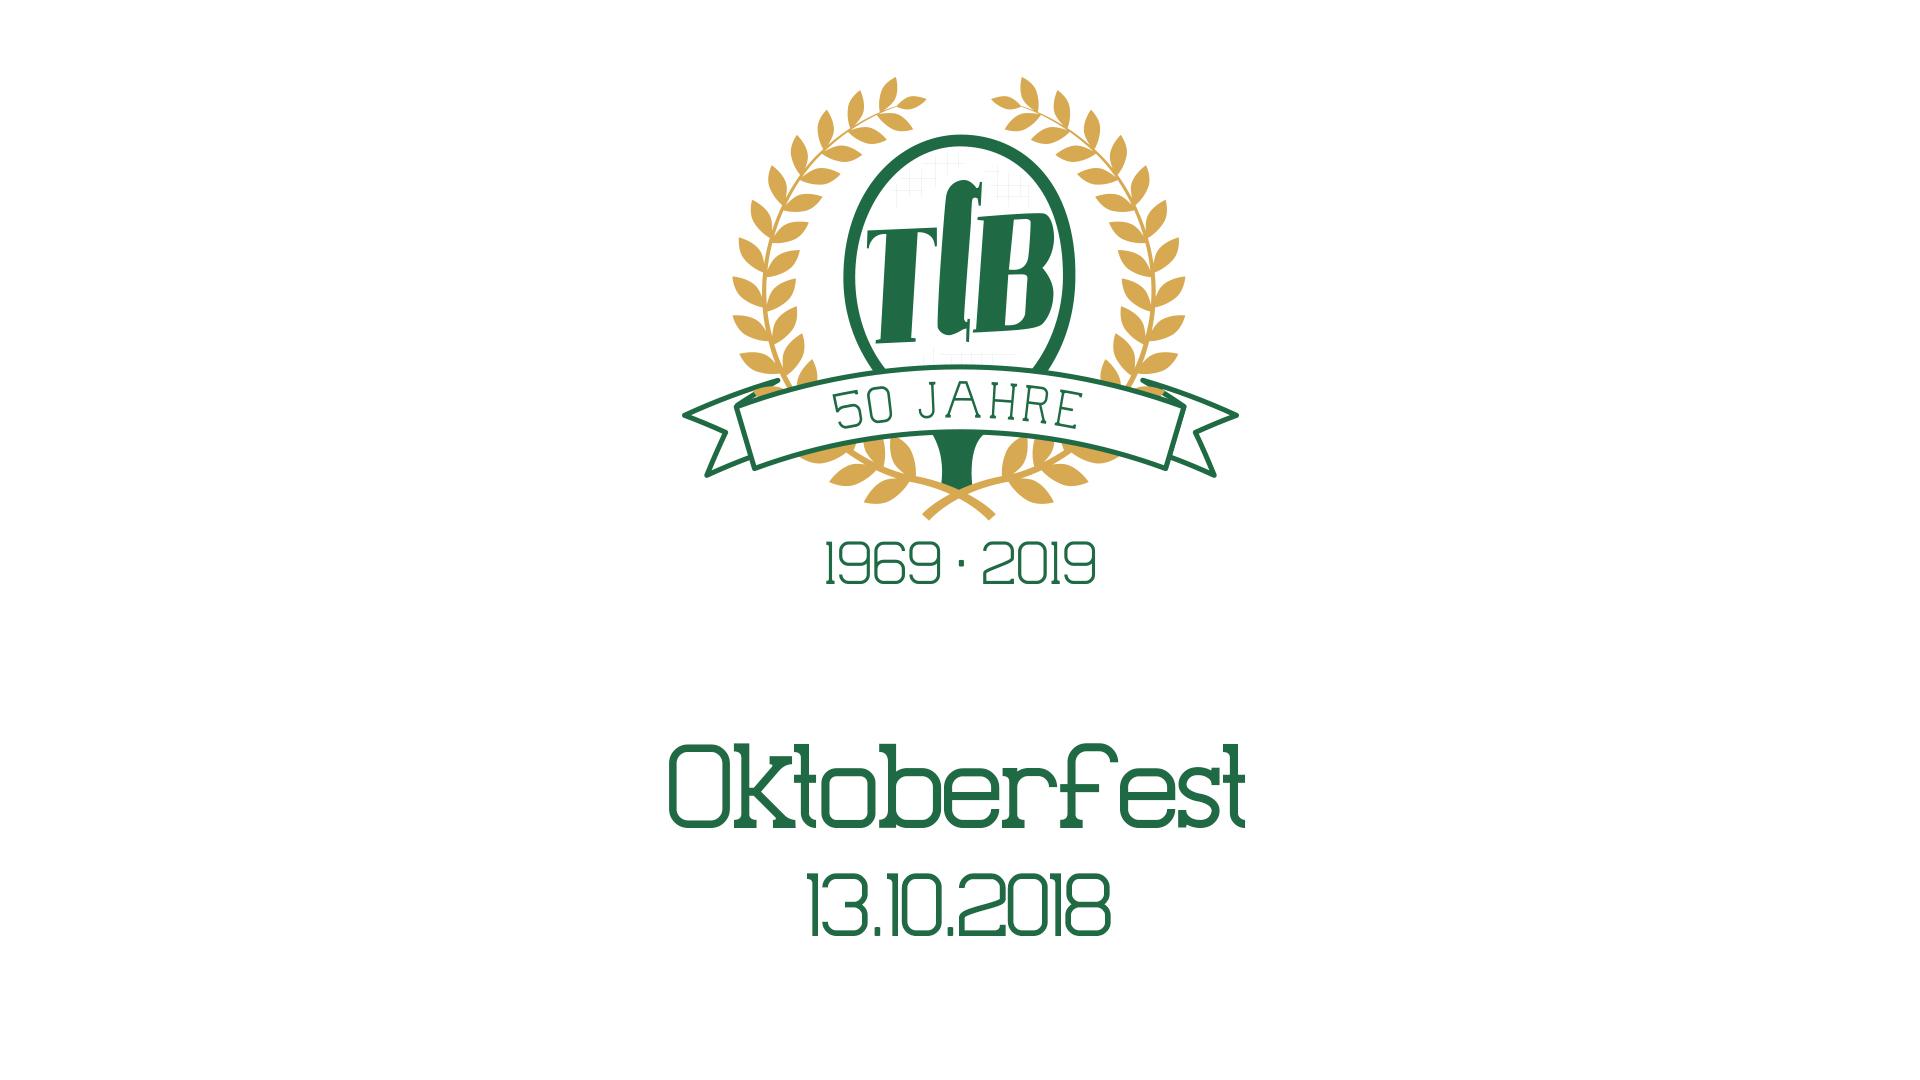 TCB Oktoberfest 2018